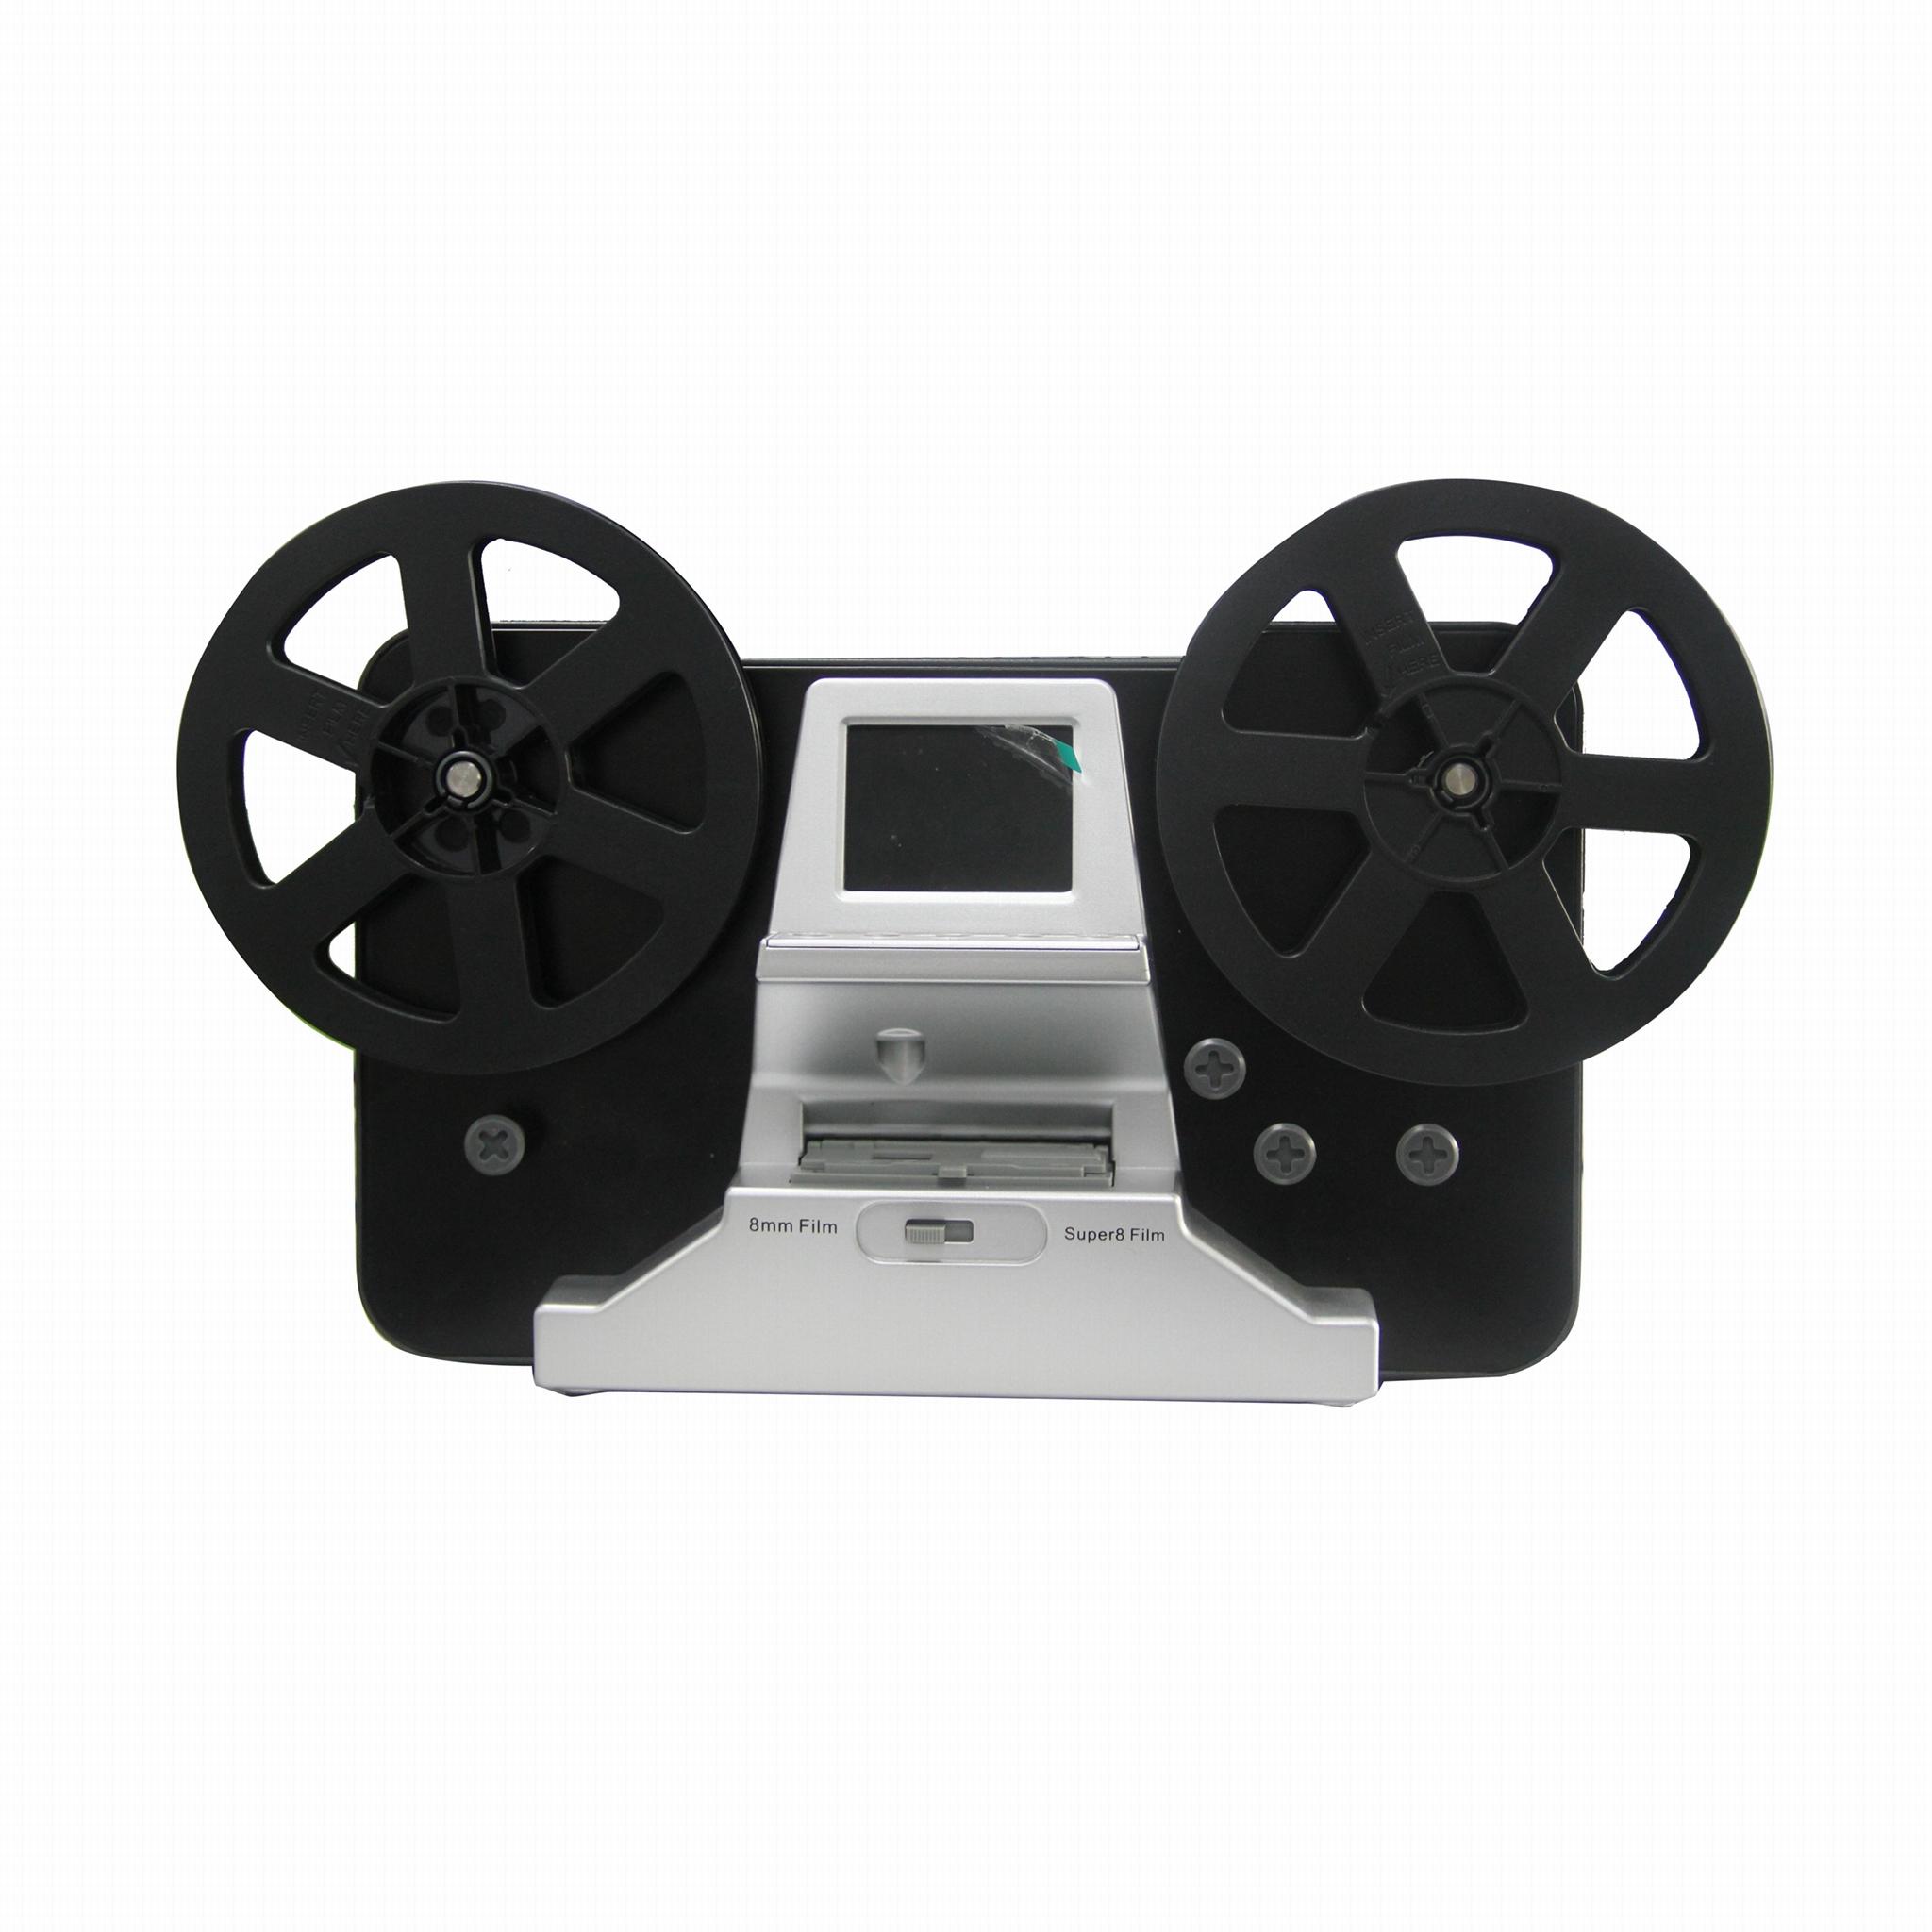 8毫米/ 超8 底片掃描儀,  支持7寸的膠片盤 2